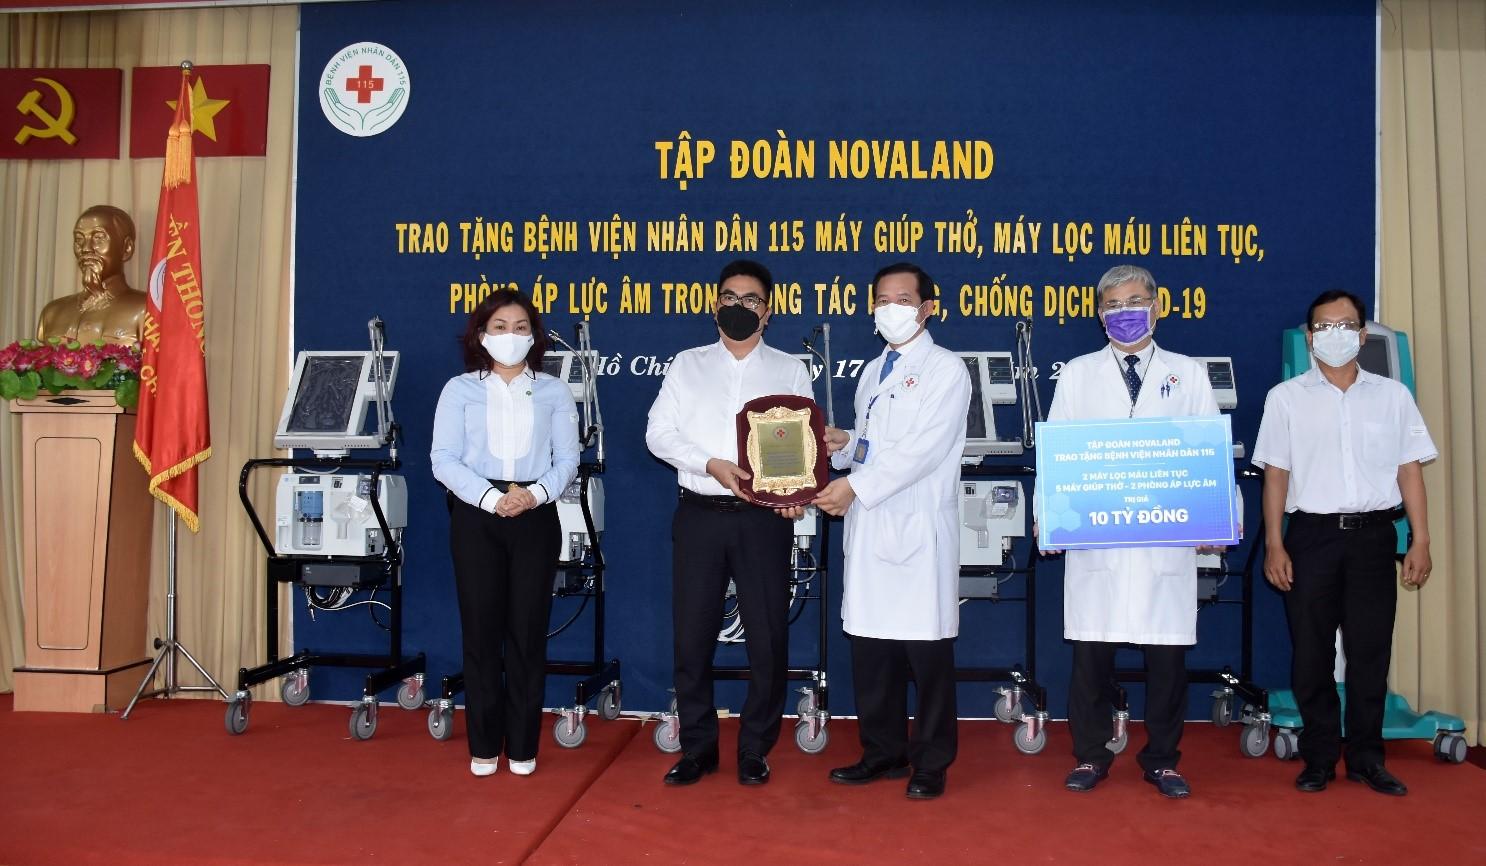 Novaland trao tặng trang thiết bị y tế trị giá 10 tỉ đồng tại Bệnh viện Nhân dân 115 - Ảnh 2.